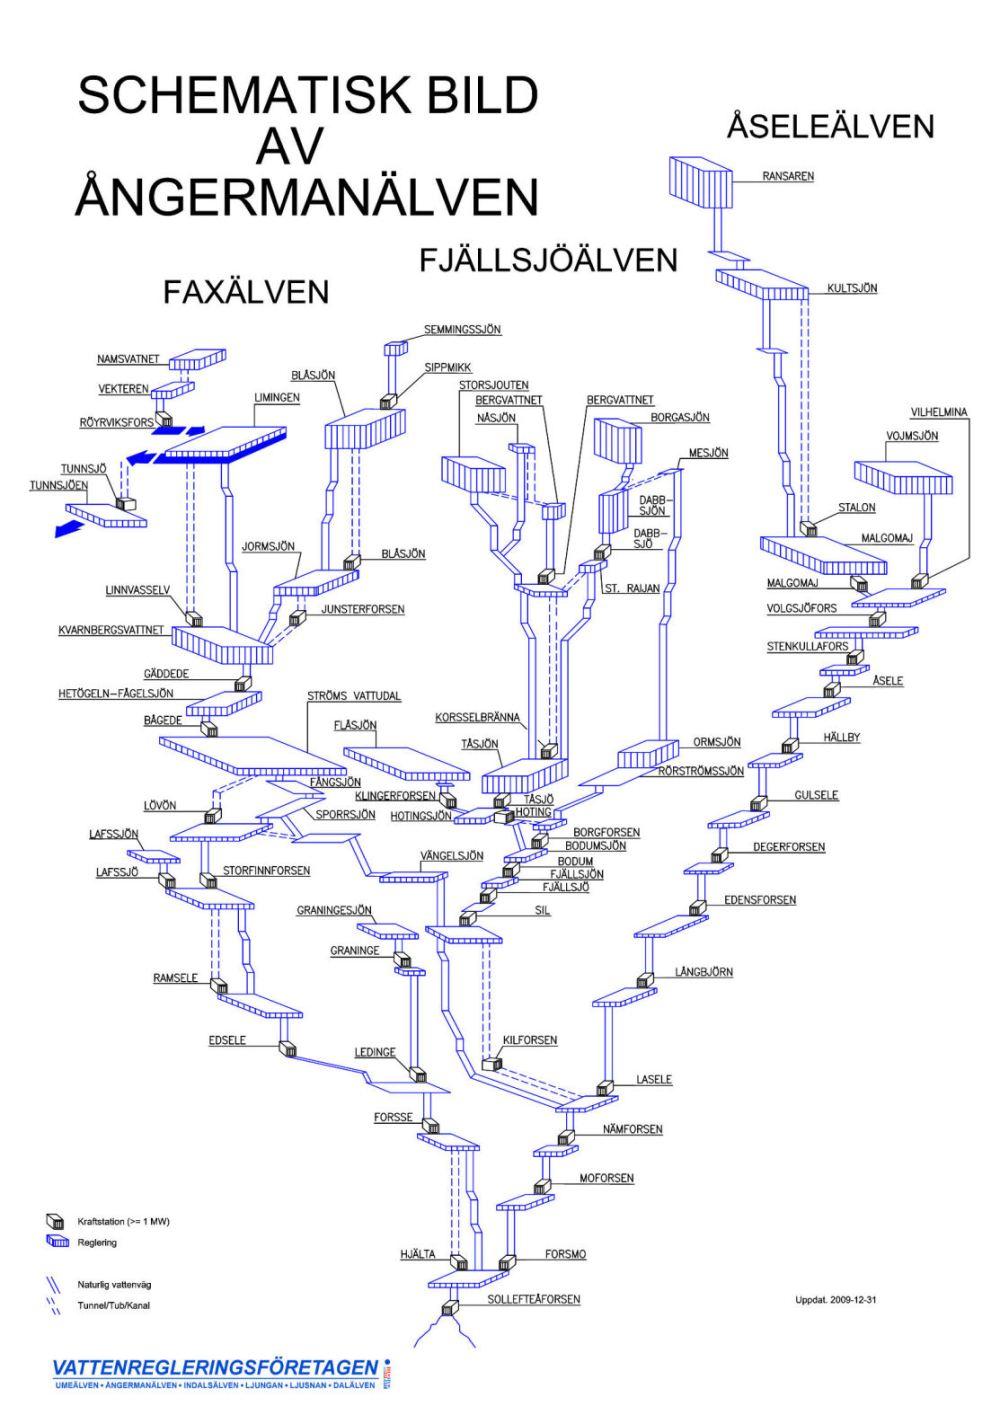 schematisk-bild-angemanalven